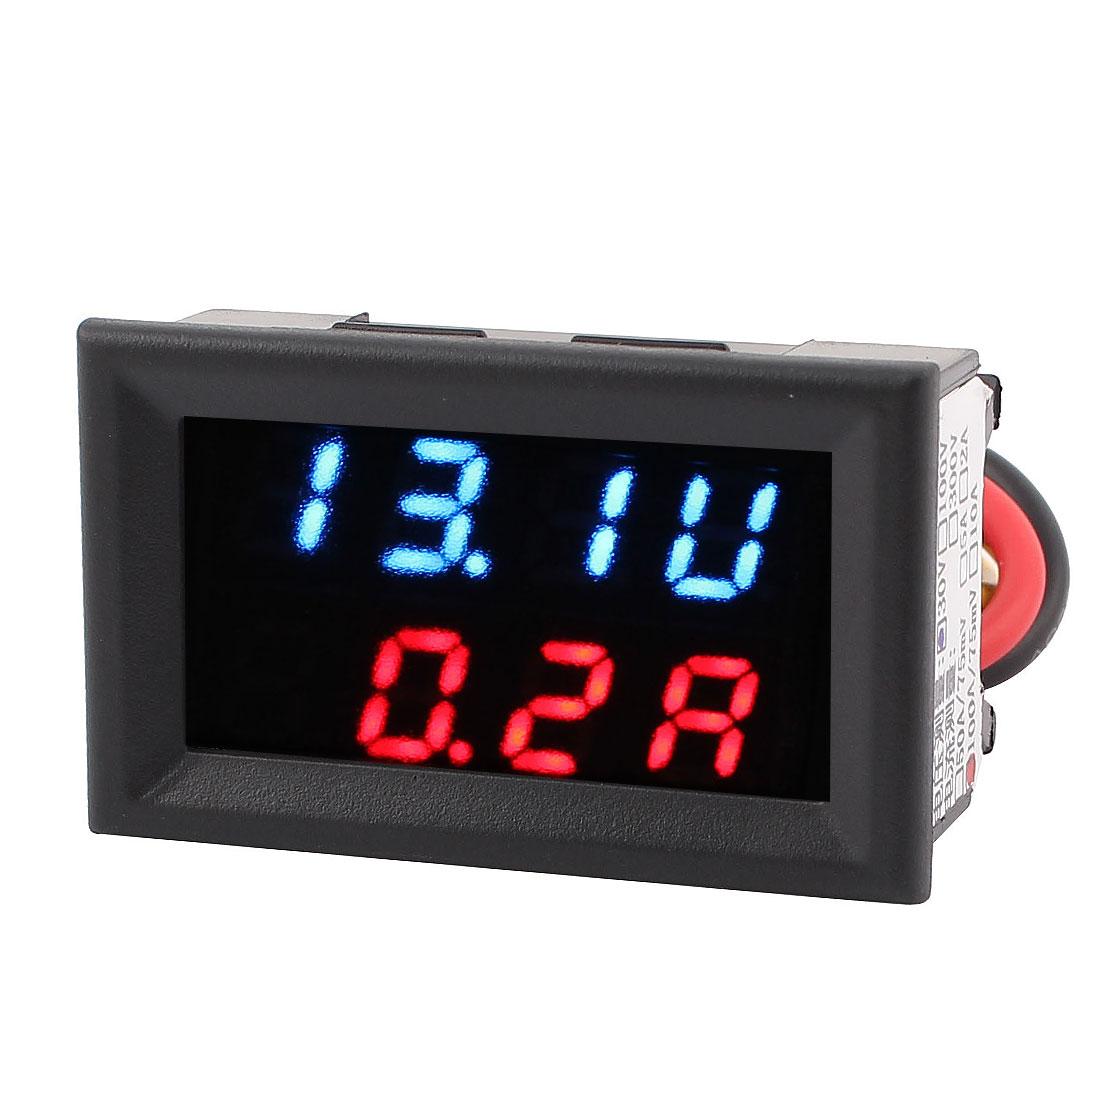 DC 4-30V 0-100A Power Battery Tester Dual LED Digital Voltage Current Meter